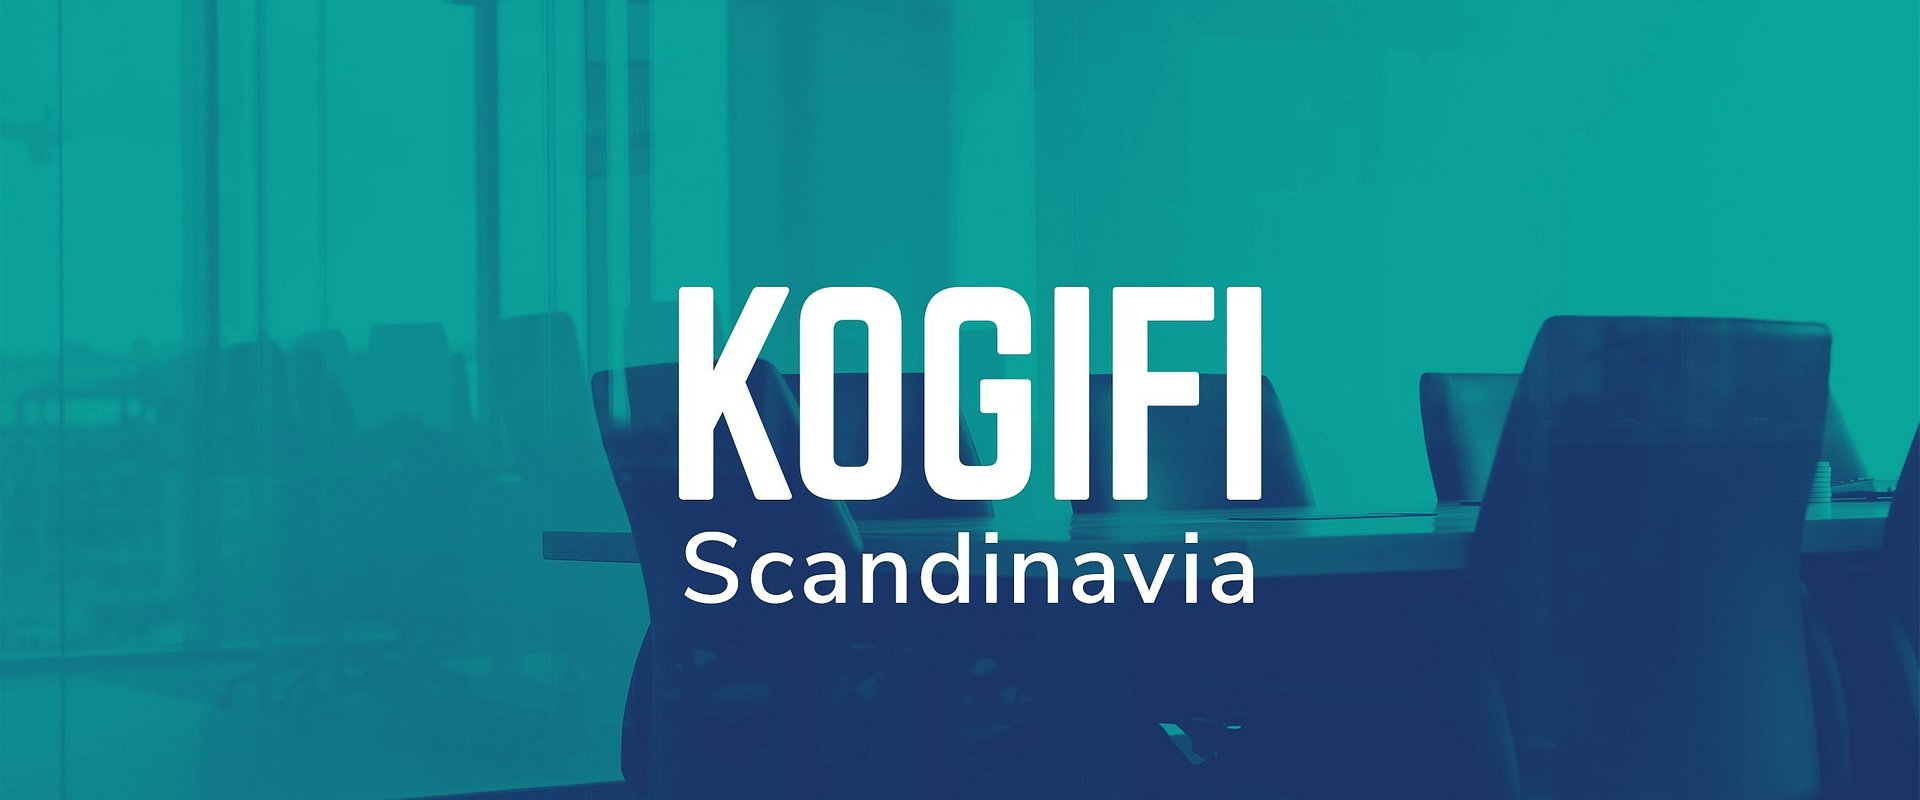 Polska technologia rusza na podbój Skandynawii. Kogifi otwiera biuro w Szwecji